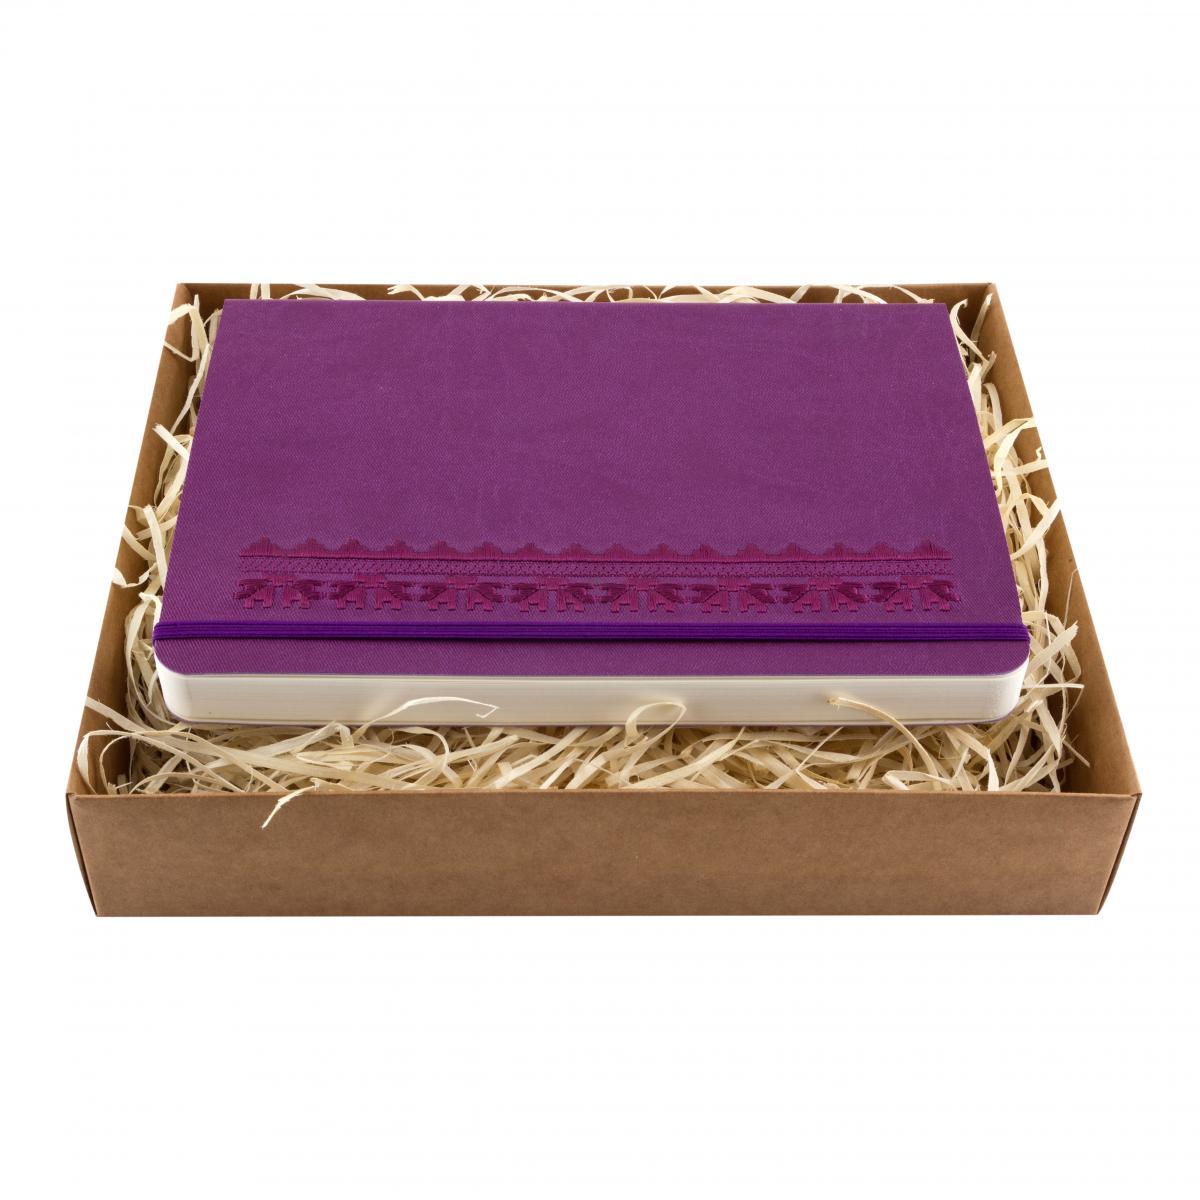 Блокнот з еко-шкіри з вишивкою Орнамент дубочки, фіолетовий. Фото №1. | Народний дім Україна